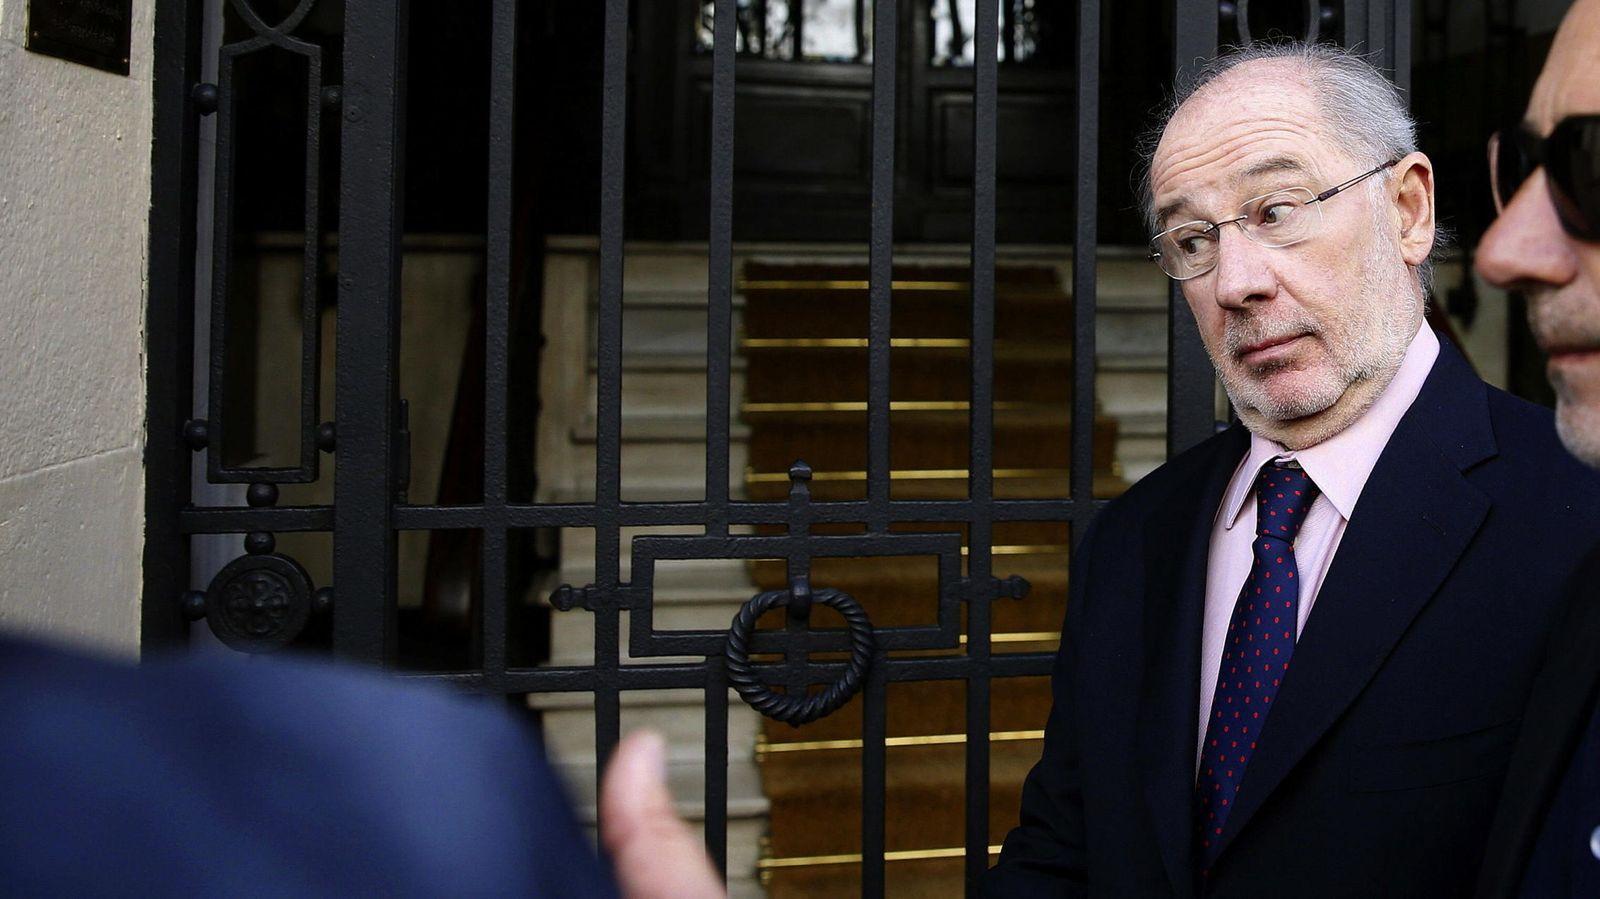 Foto: El exvicepresidente del gobierno, Rodrigo Rato, sale de su despacho. EFE